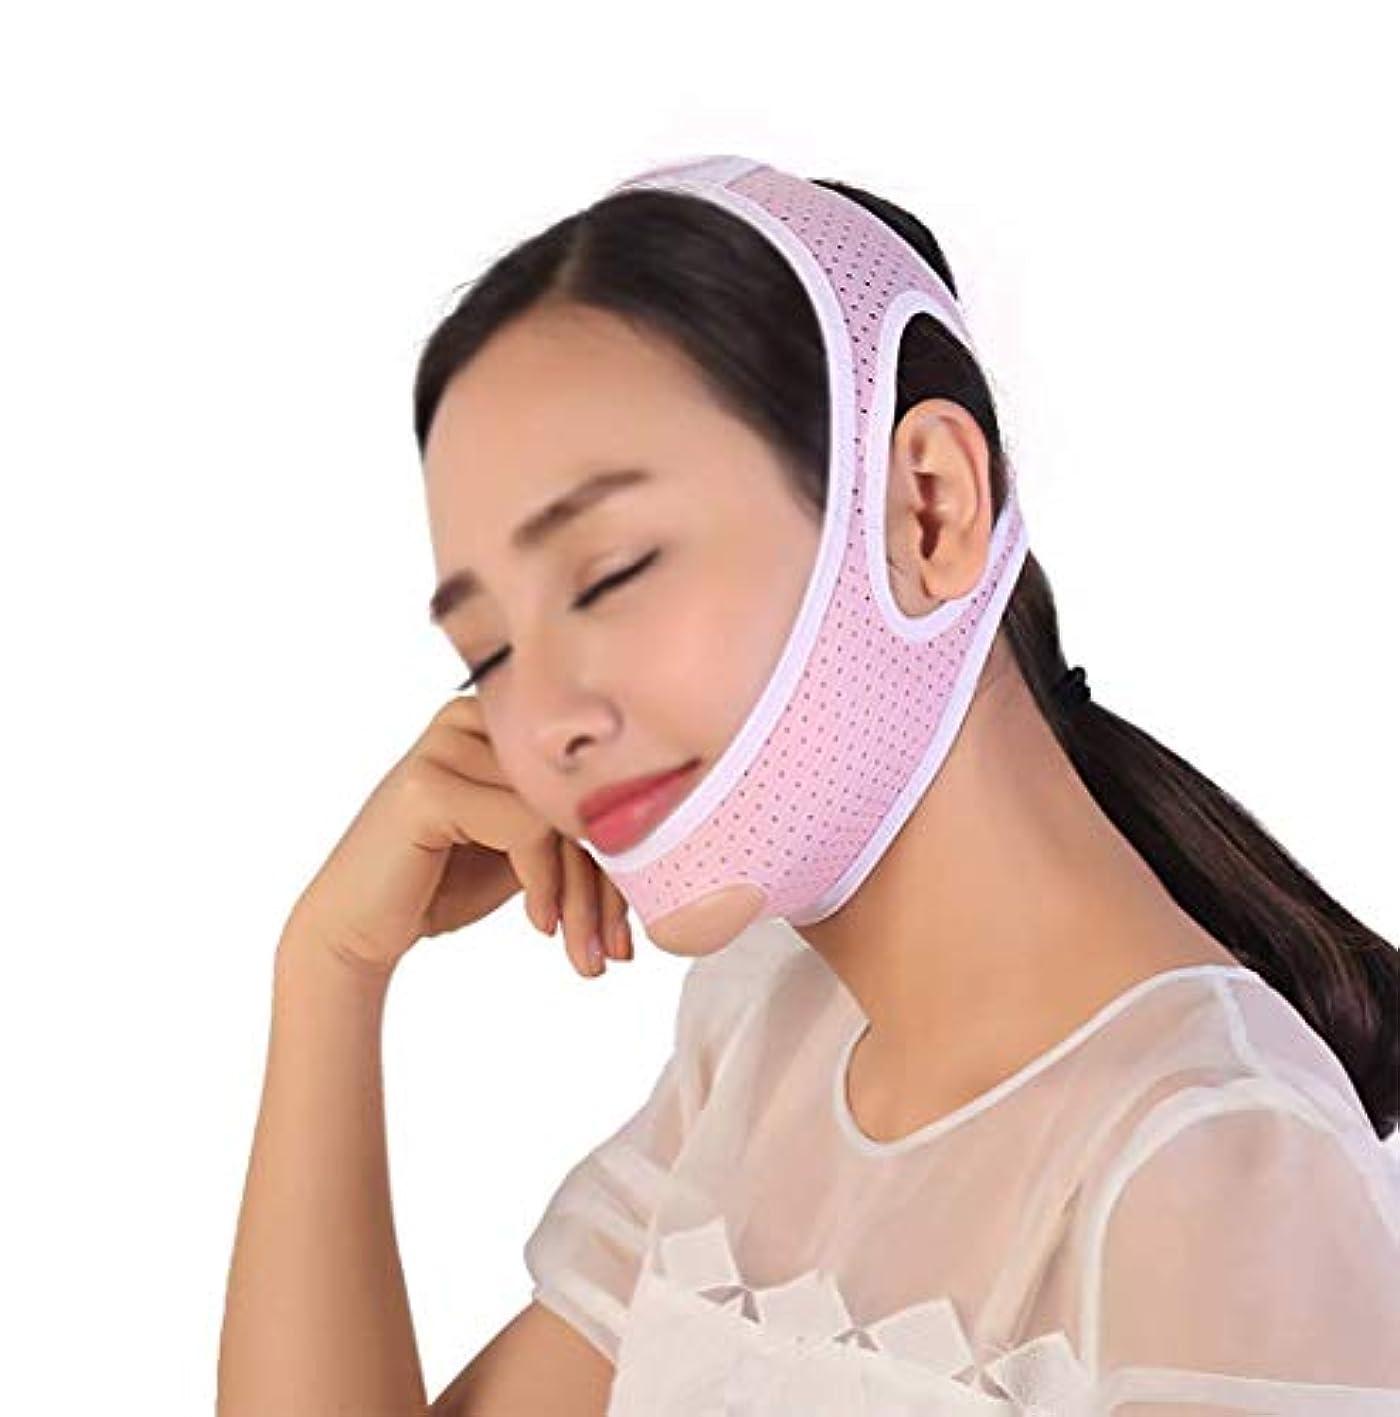 ブレーキイヤホン地獄フェイスリフトフェイシャル、肌のリラクゼーションを防ぐためのタイトなVフェイスマスクVフェイスアーティファクトフェイスリフトバンデージフェイスケア(サイズ:M)